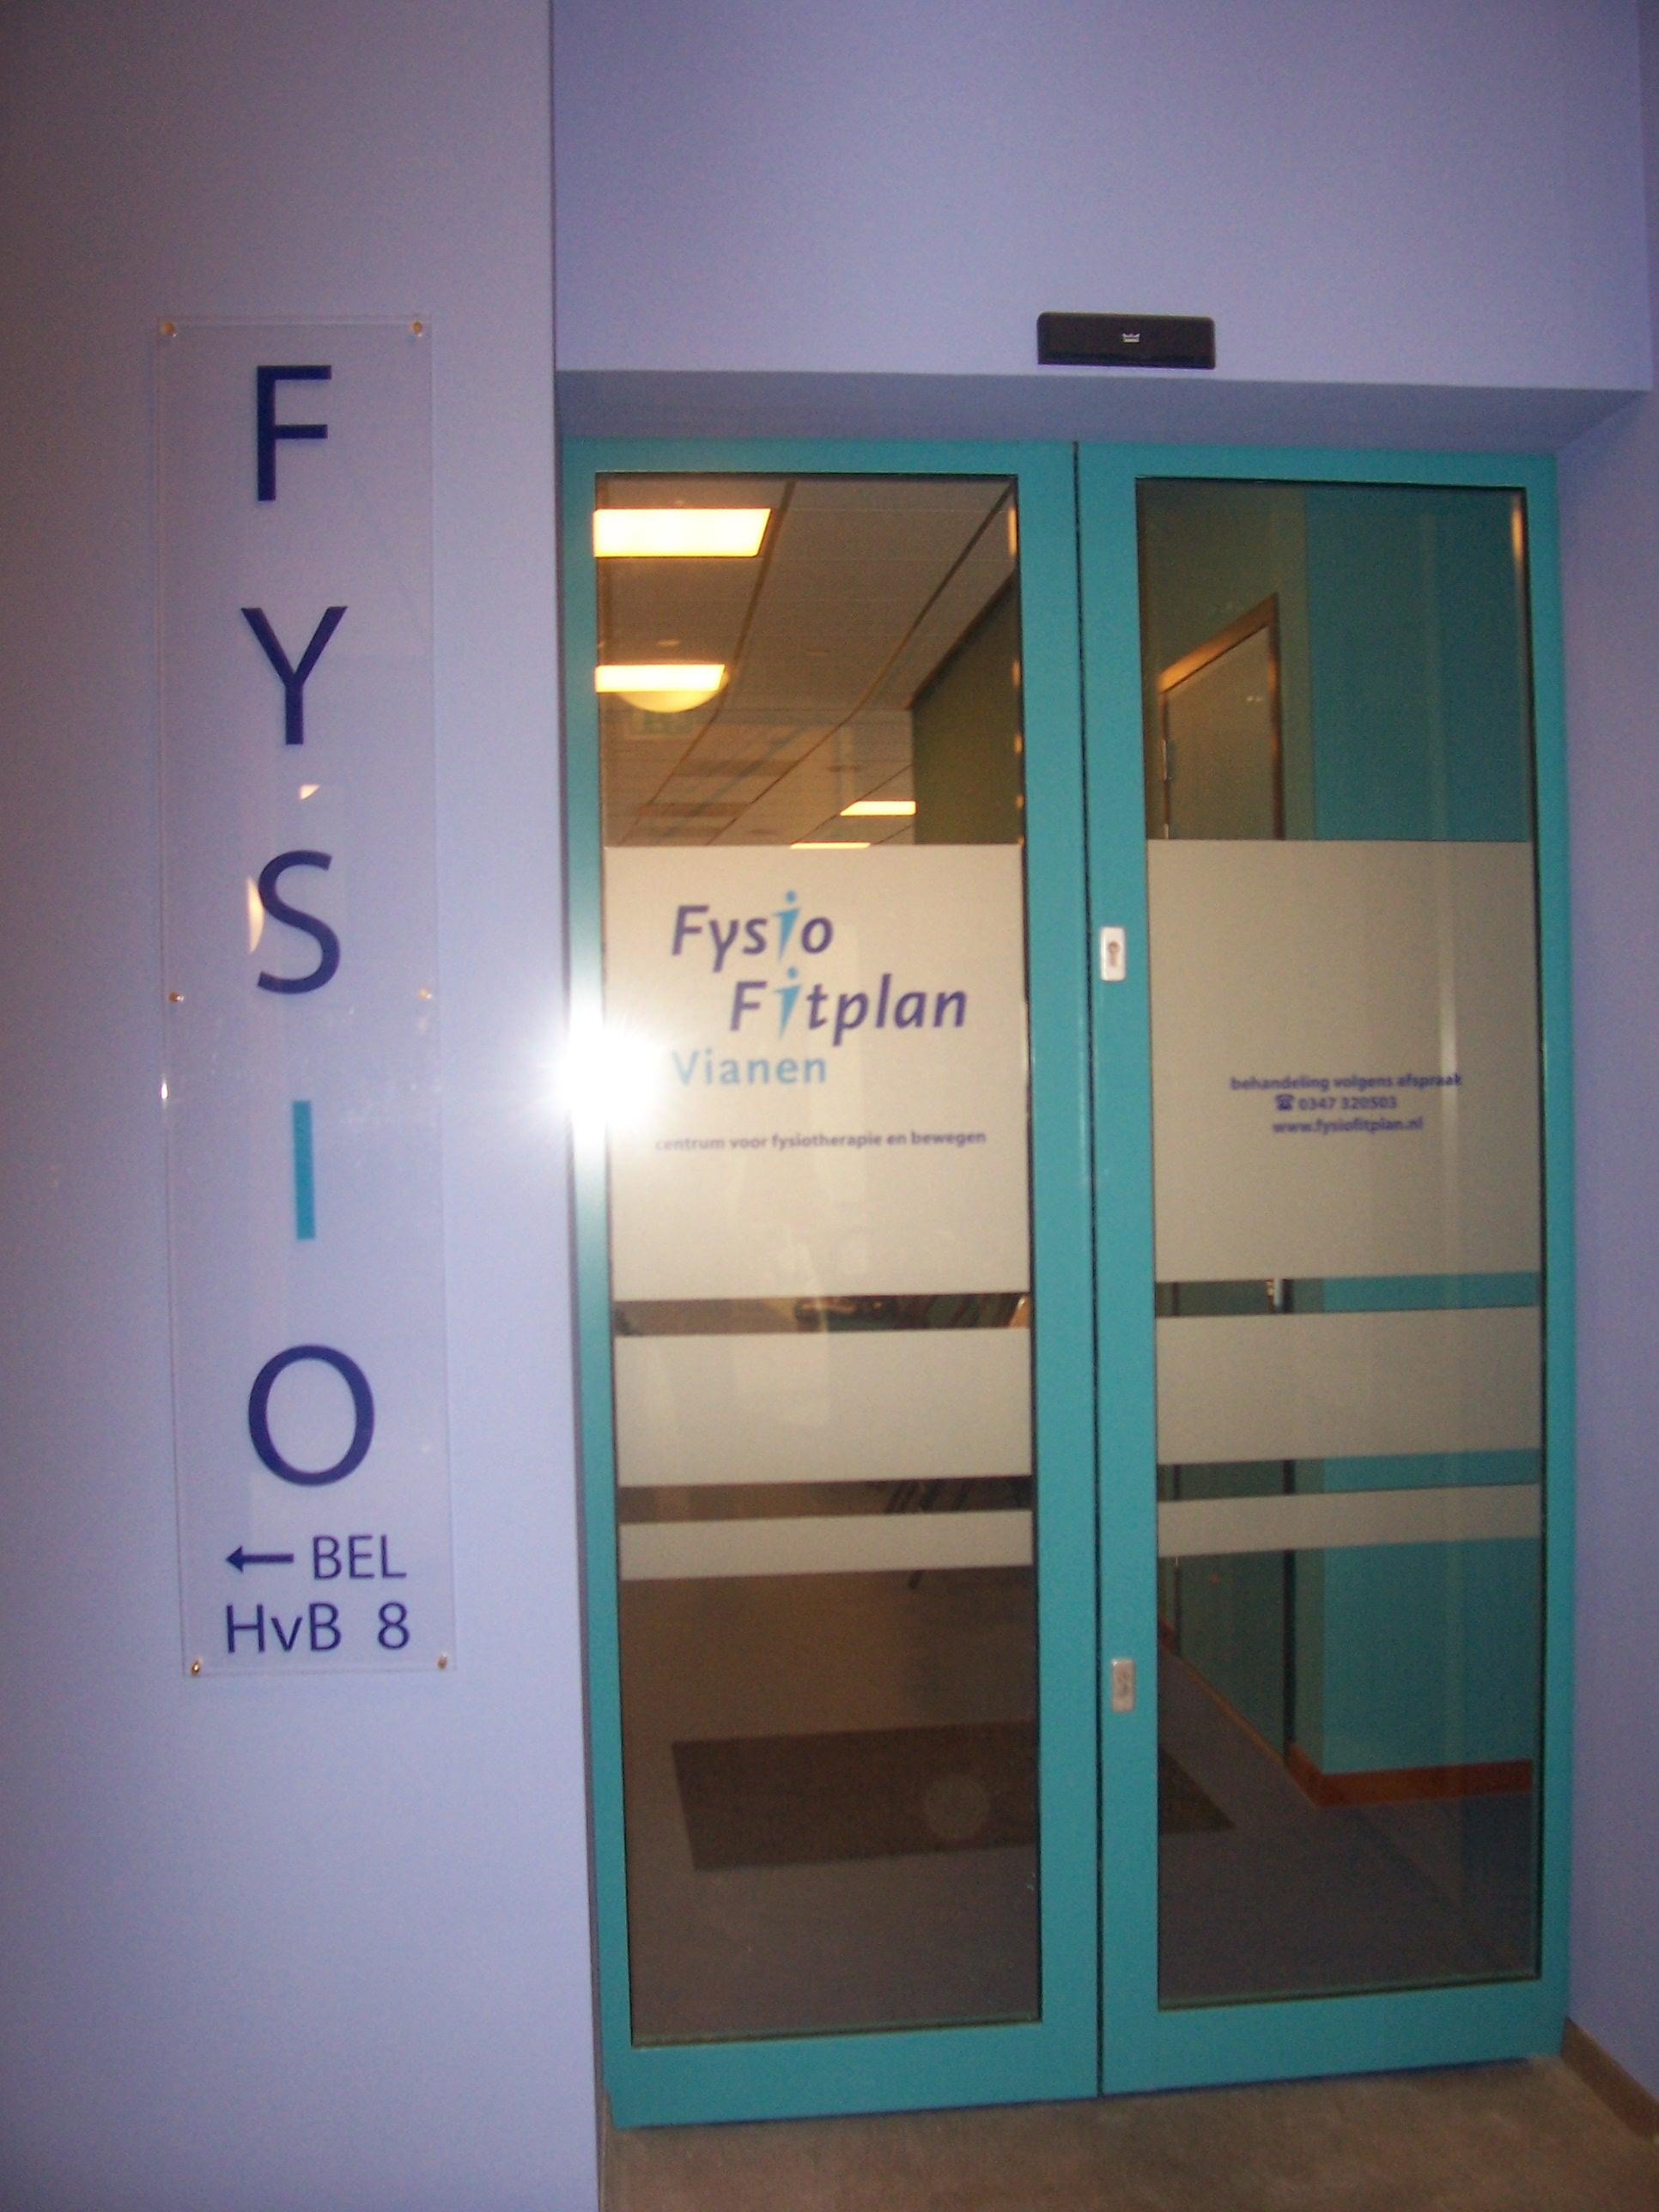 Fysio Fitplan